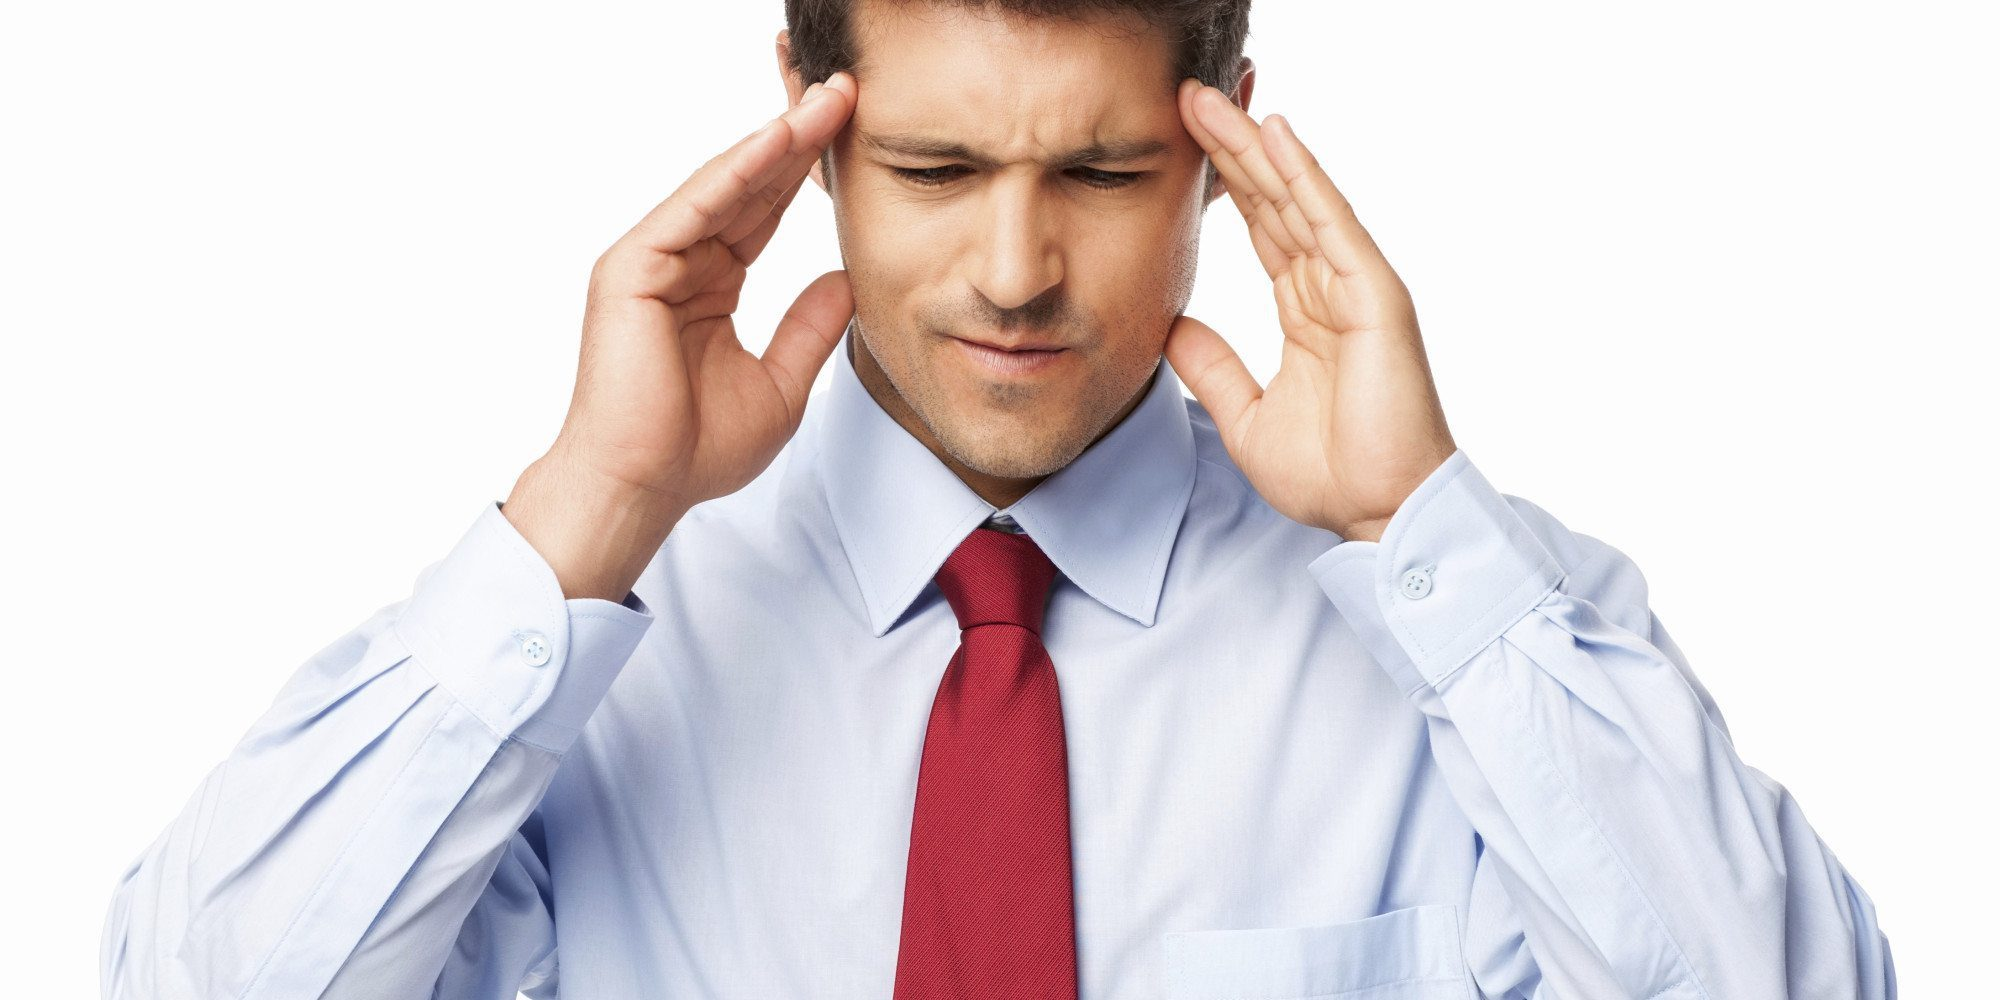 Causes & Treatment for Headaches